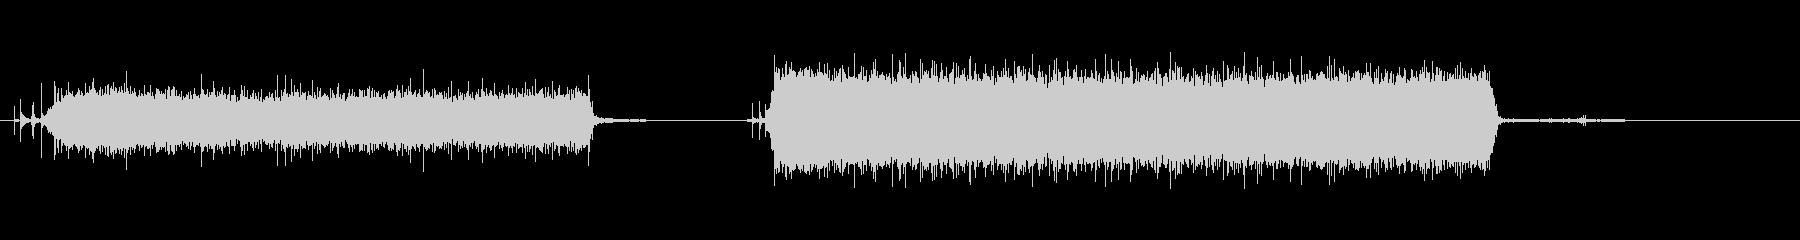 遅い制御されたワードローブの流しの未再生の波形